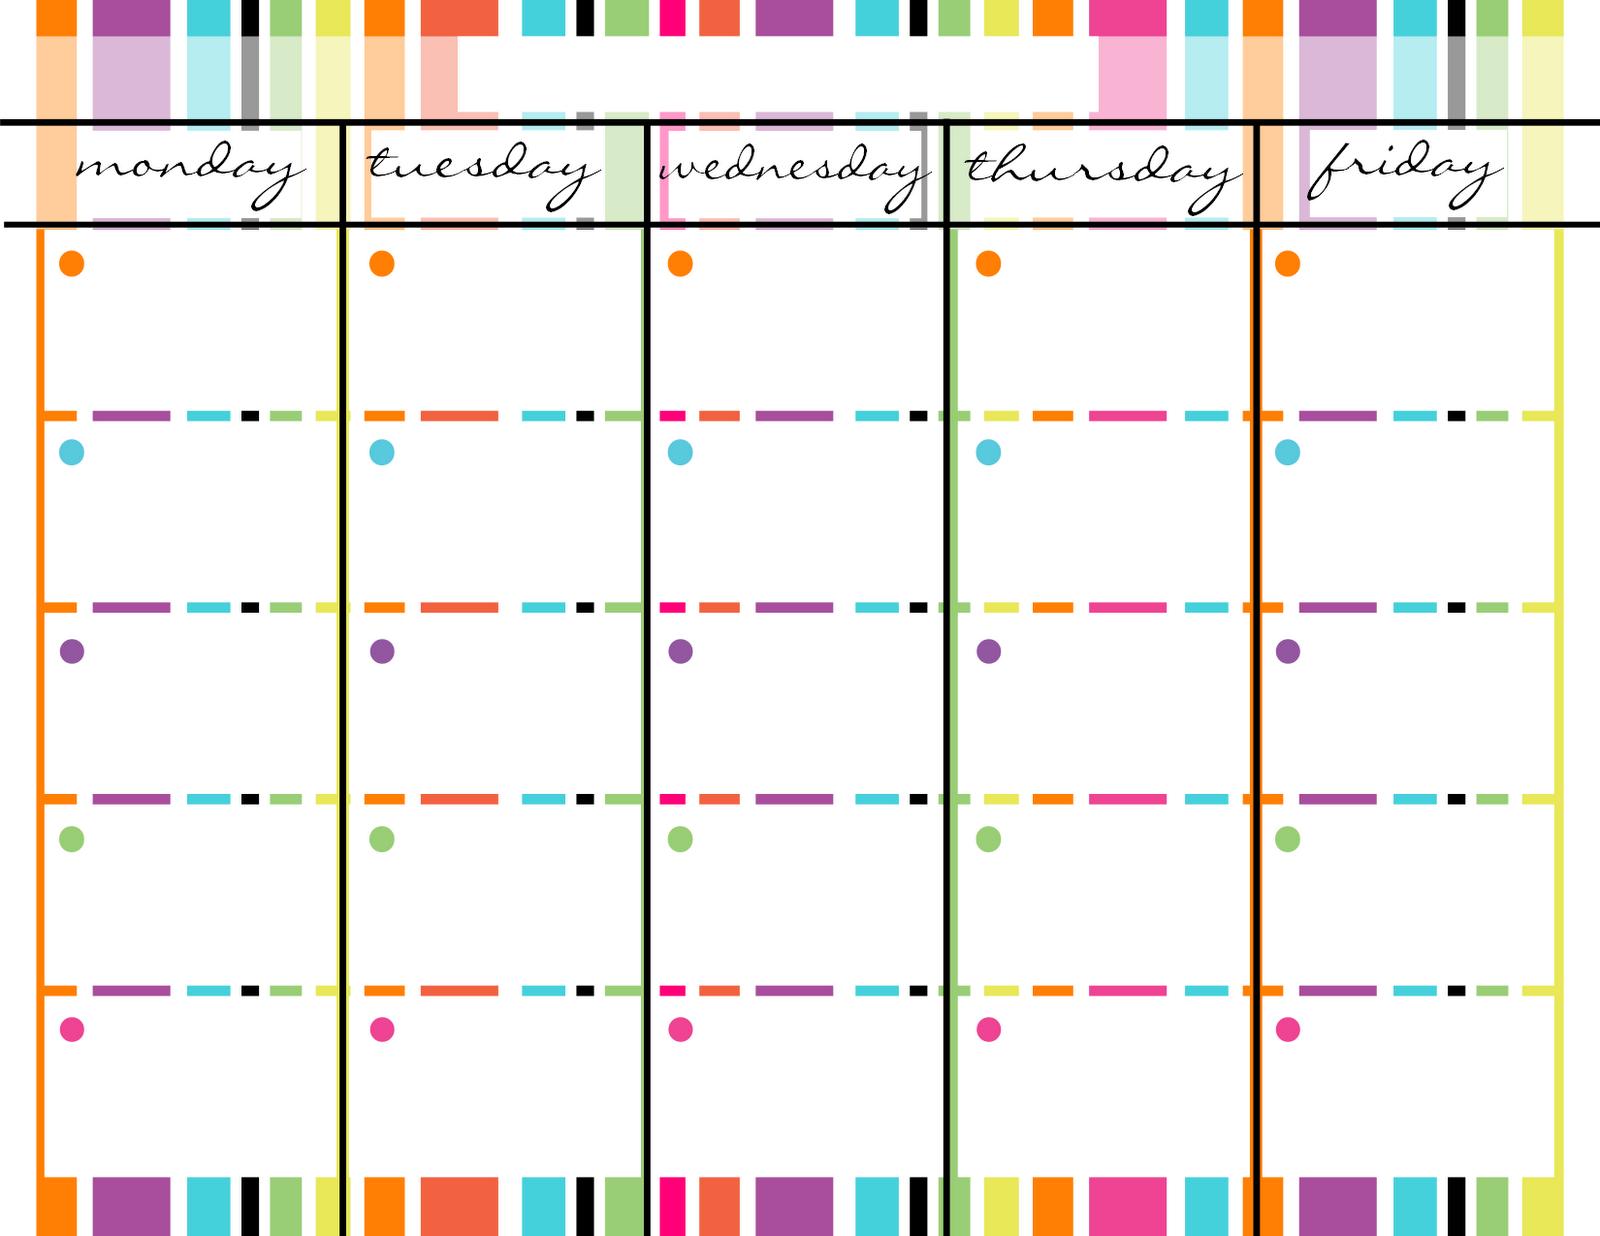 Blank Monday Through Friday Printable Calendar | Calendar Monday – Friday Schedule Blank Template